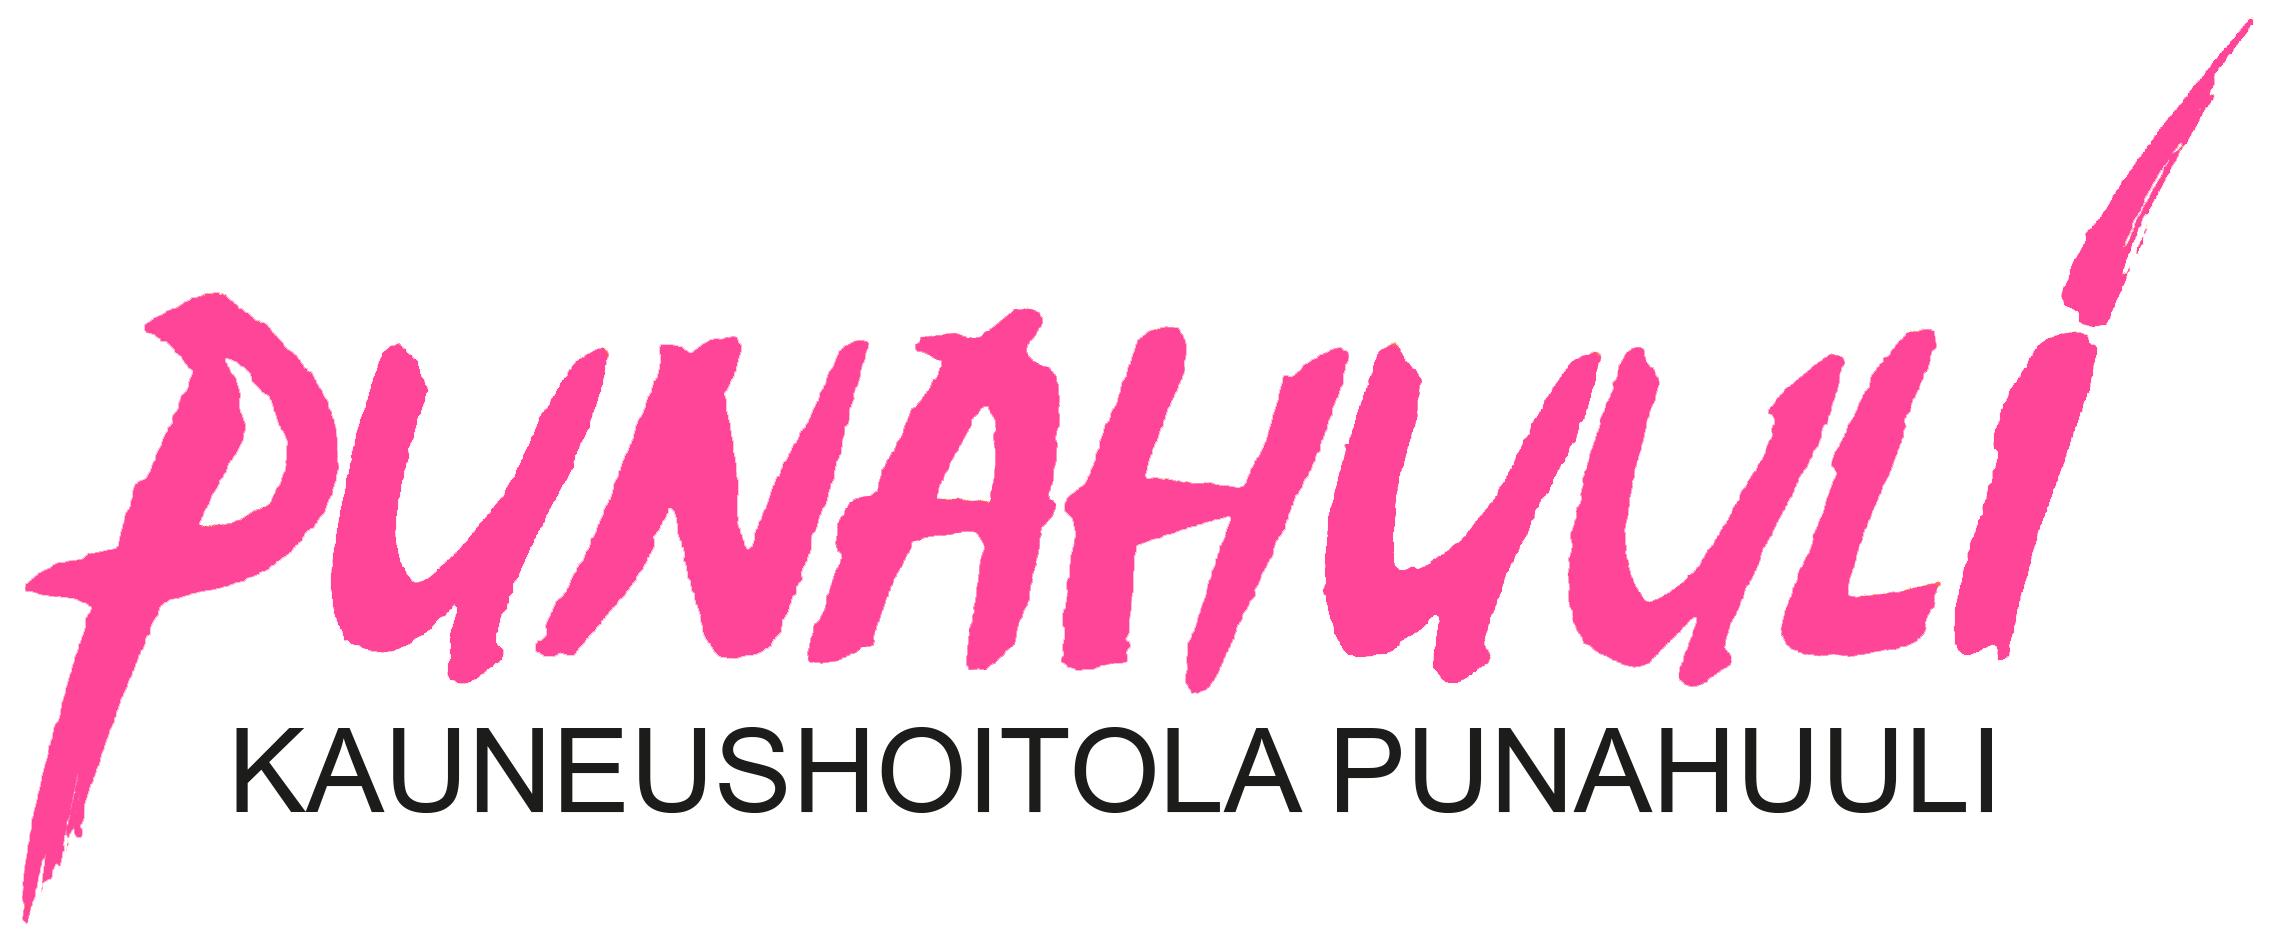 Kauneushoitola Punahuuli